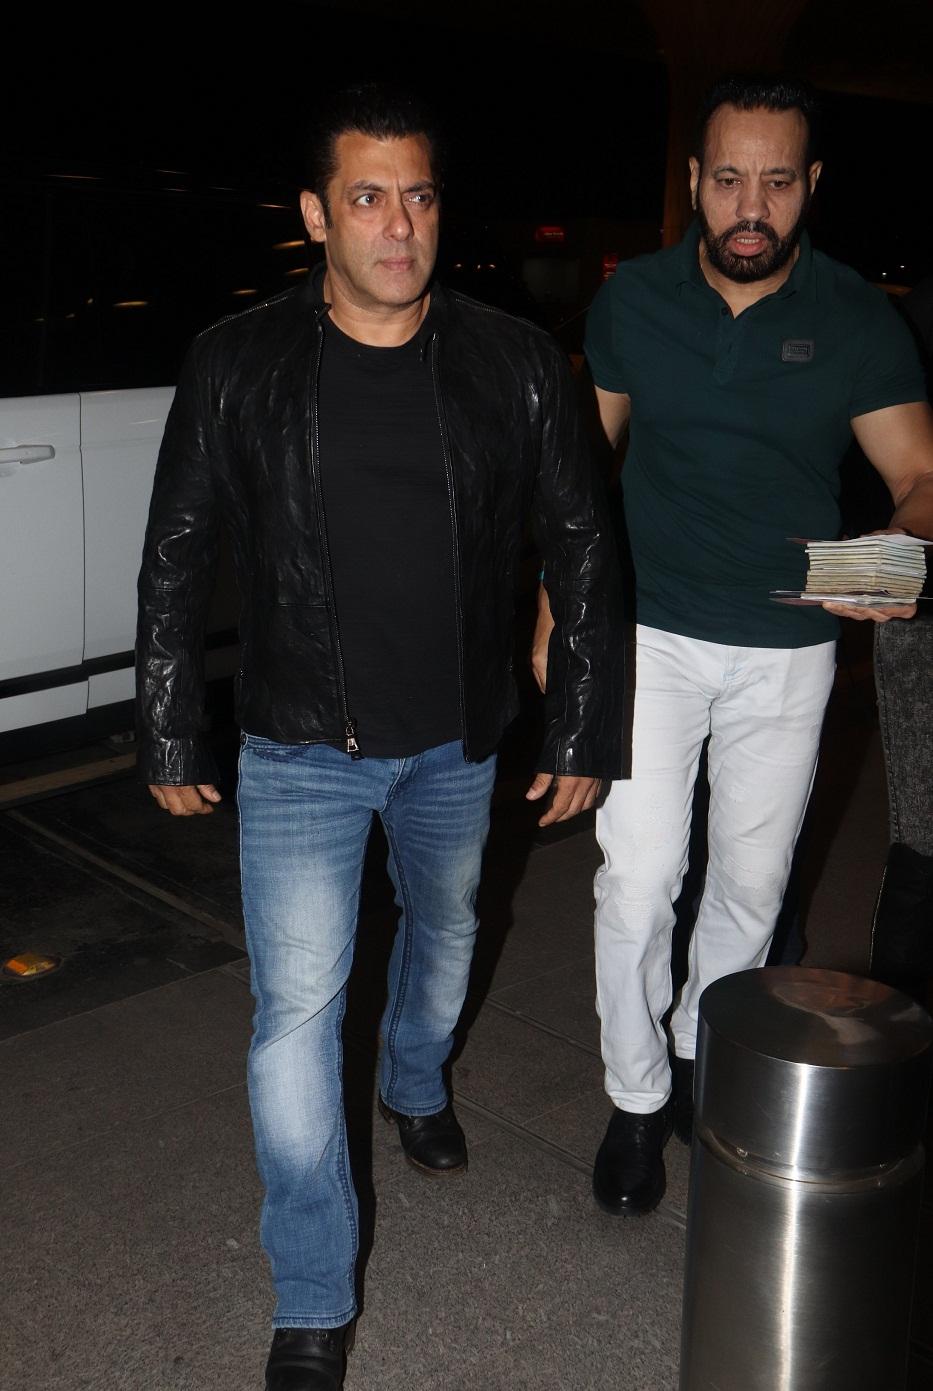 Bollywood Tadka, सलमान खान फोटो, सलमान खान इमेज, सलमान खान पिक्चर